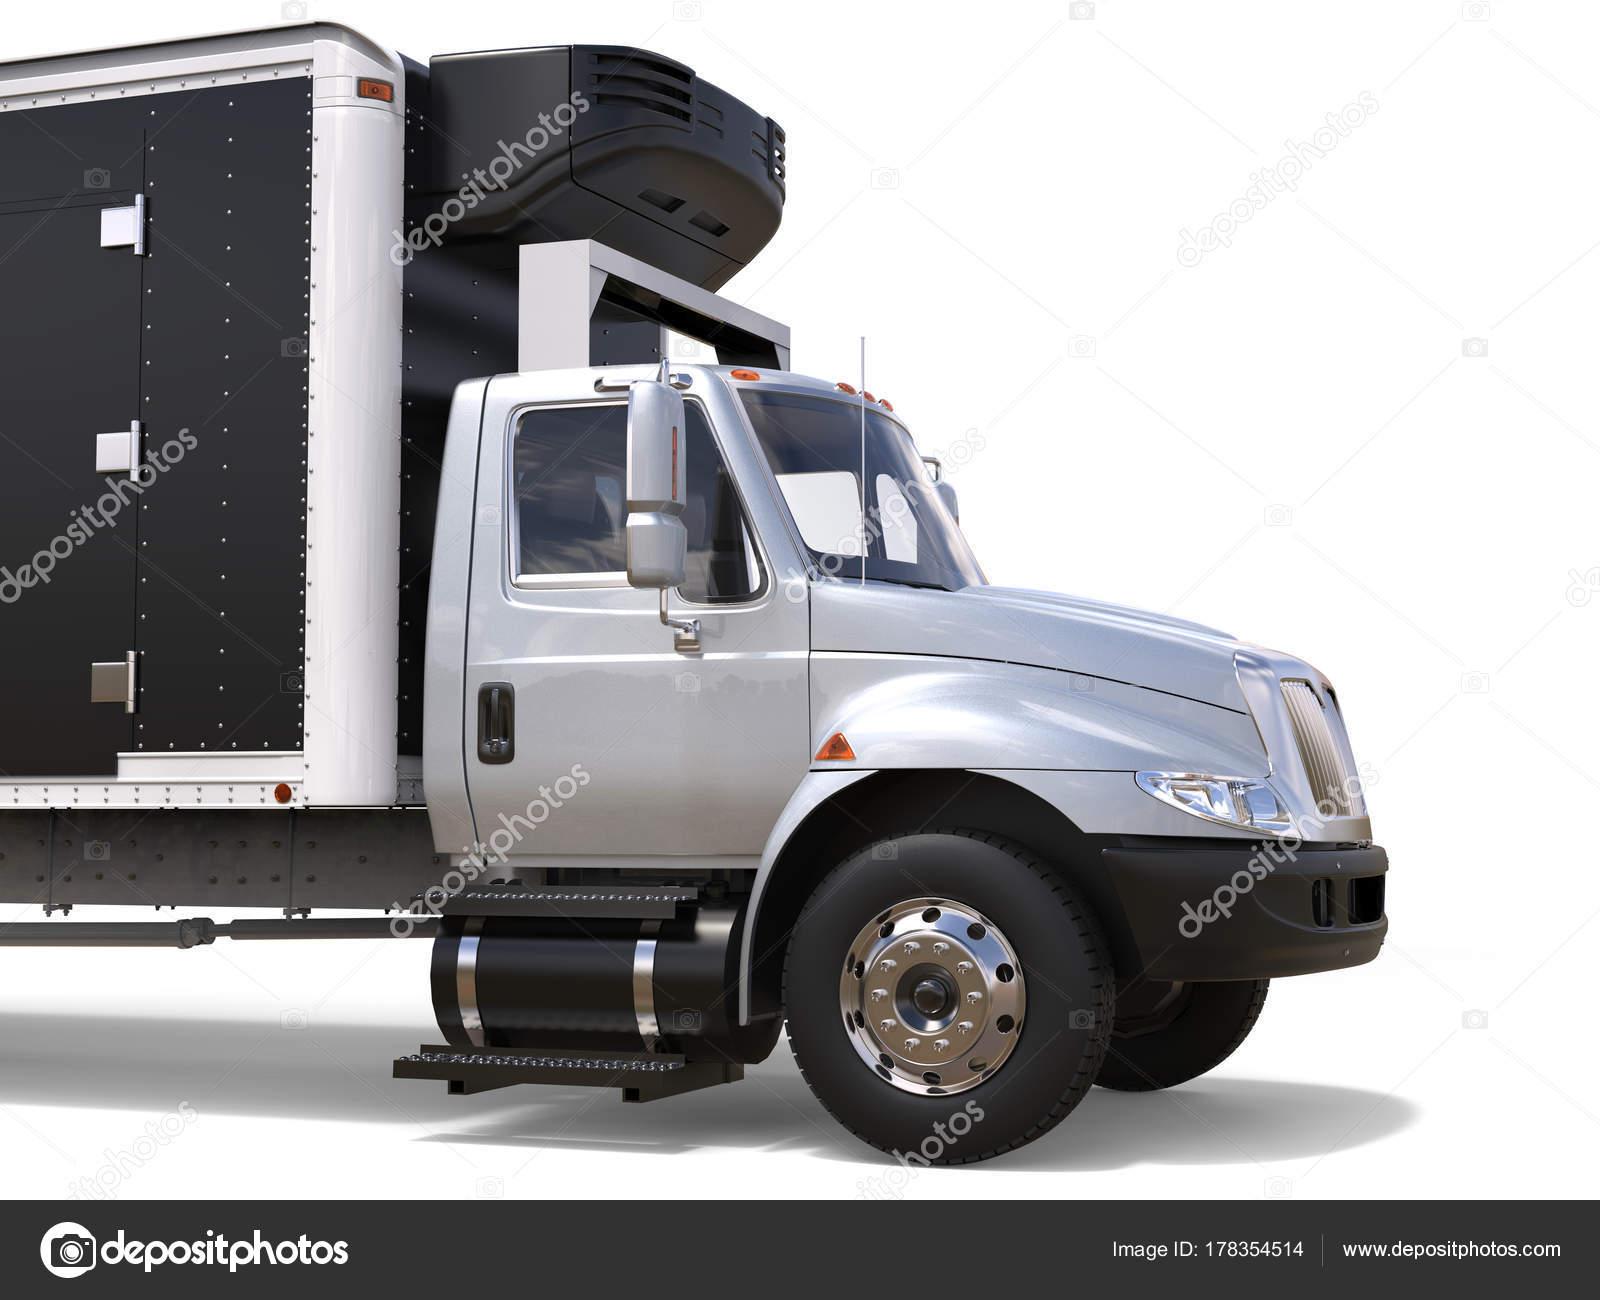 Kühlschrank Im Auto Transportieren : Silber kühlschrank lkw front nahaufnahme geschnitten schuss